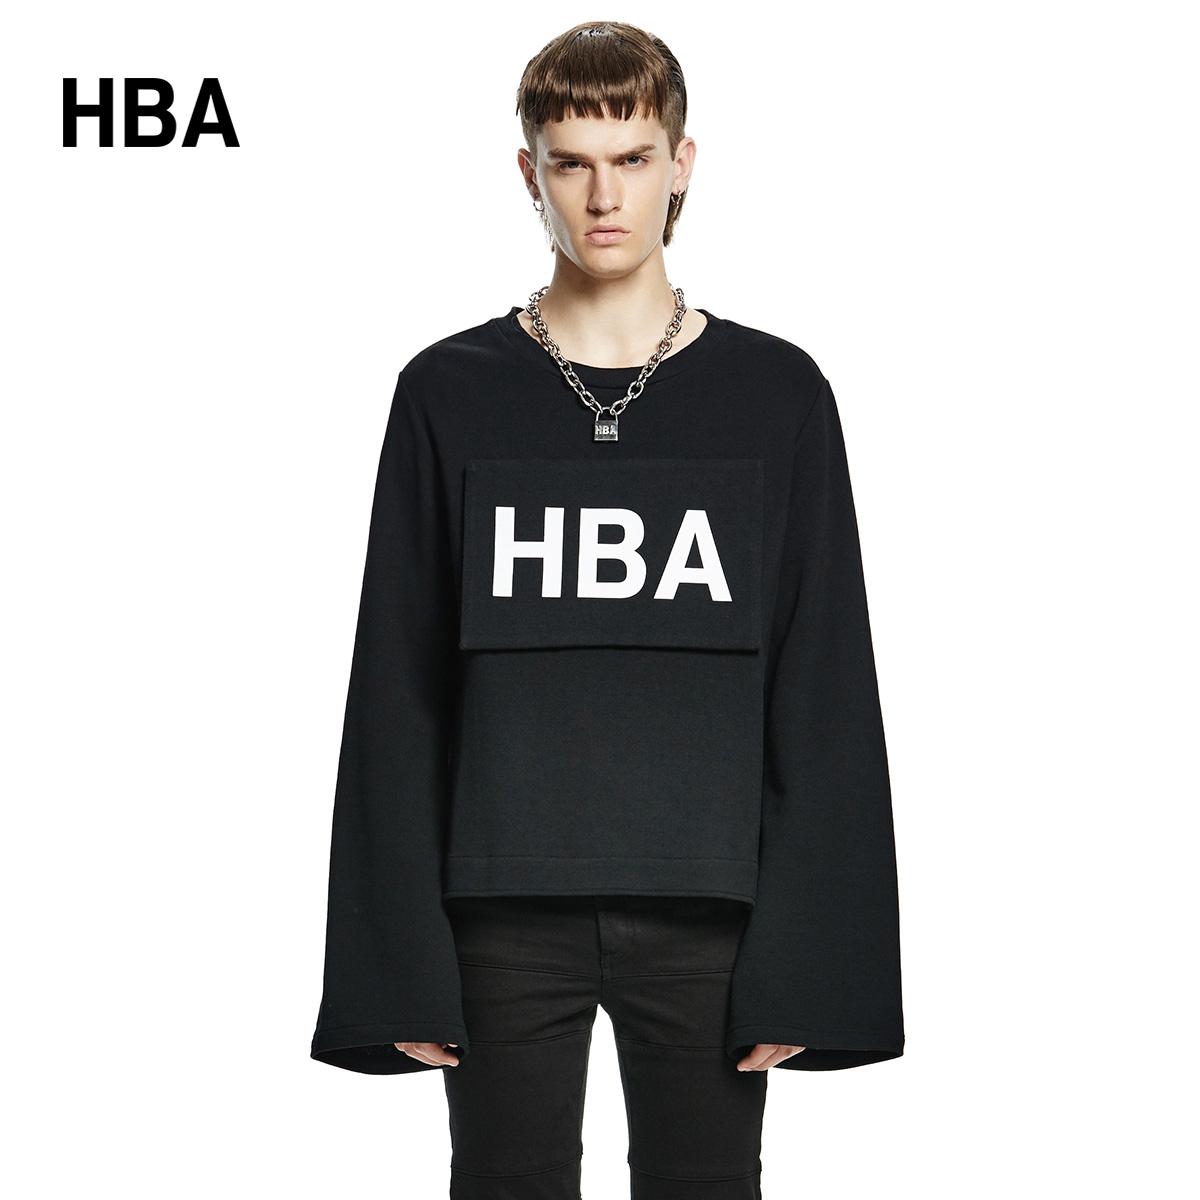 【INXX】HBA黑色休闲卫衣HB53108984